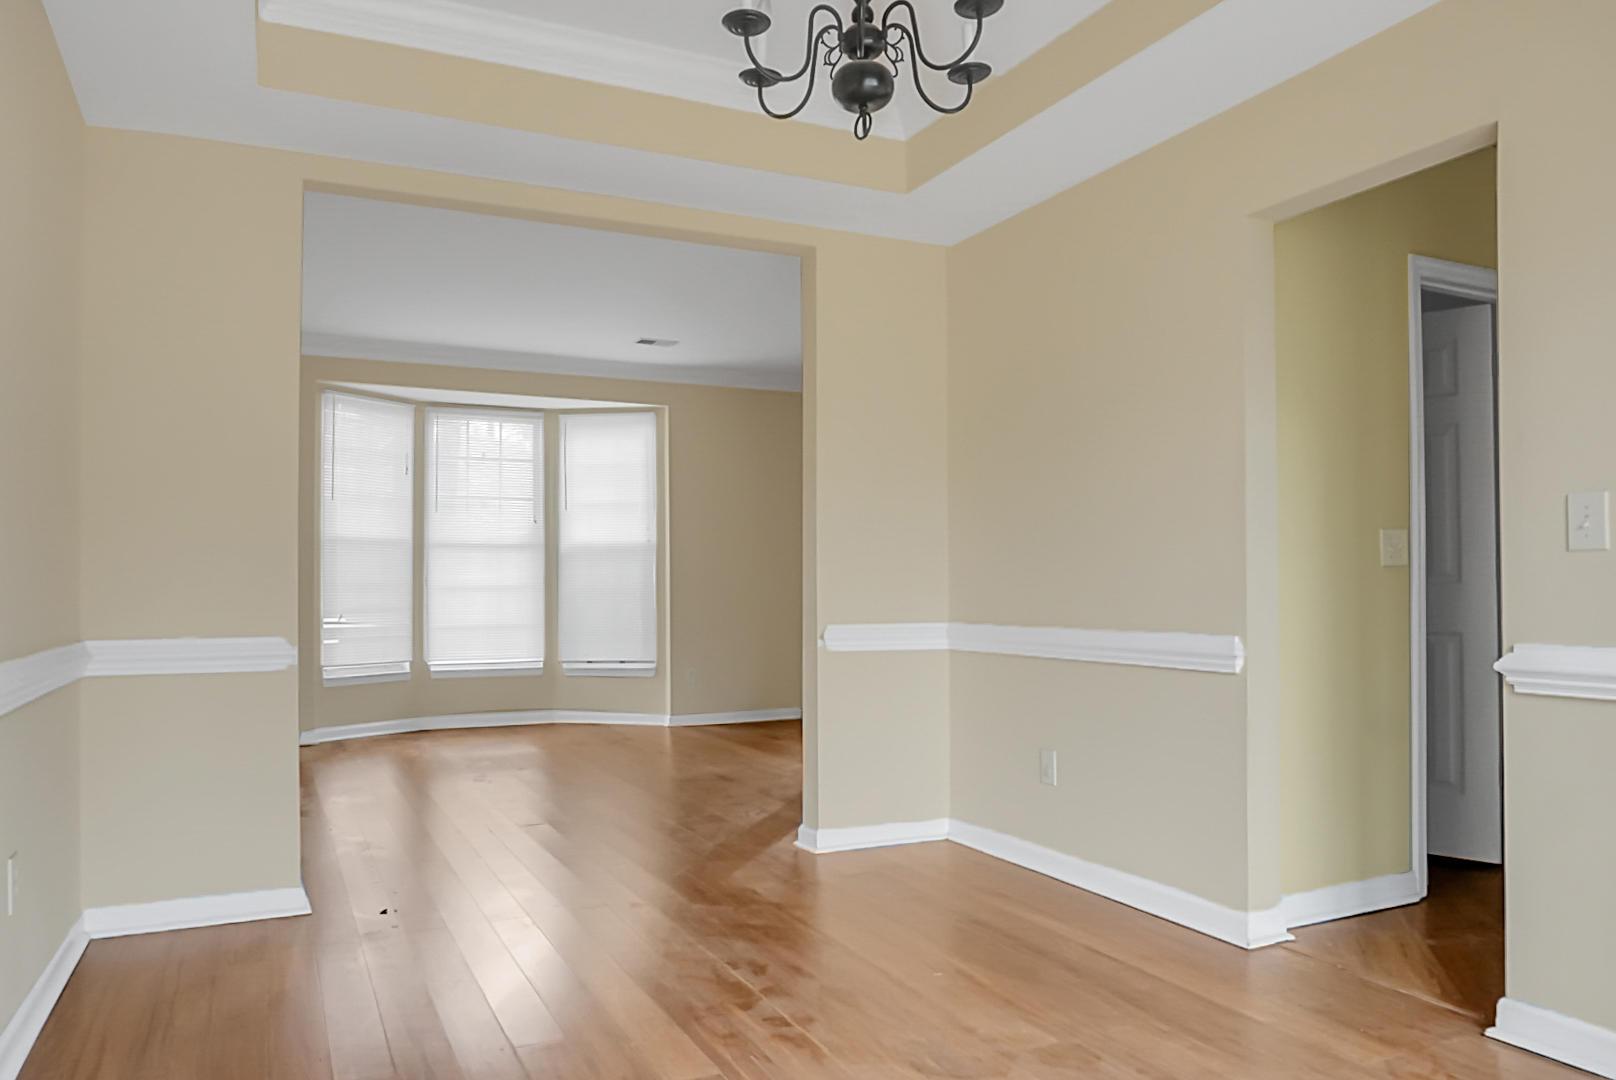 Dunes West Homes For Sale - 3209 Carmel Bay, Mount Pleasant, SC - 21